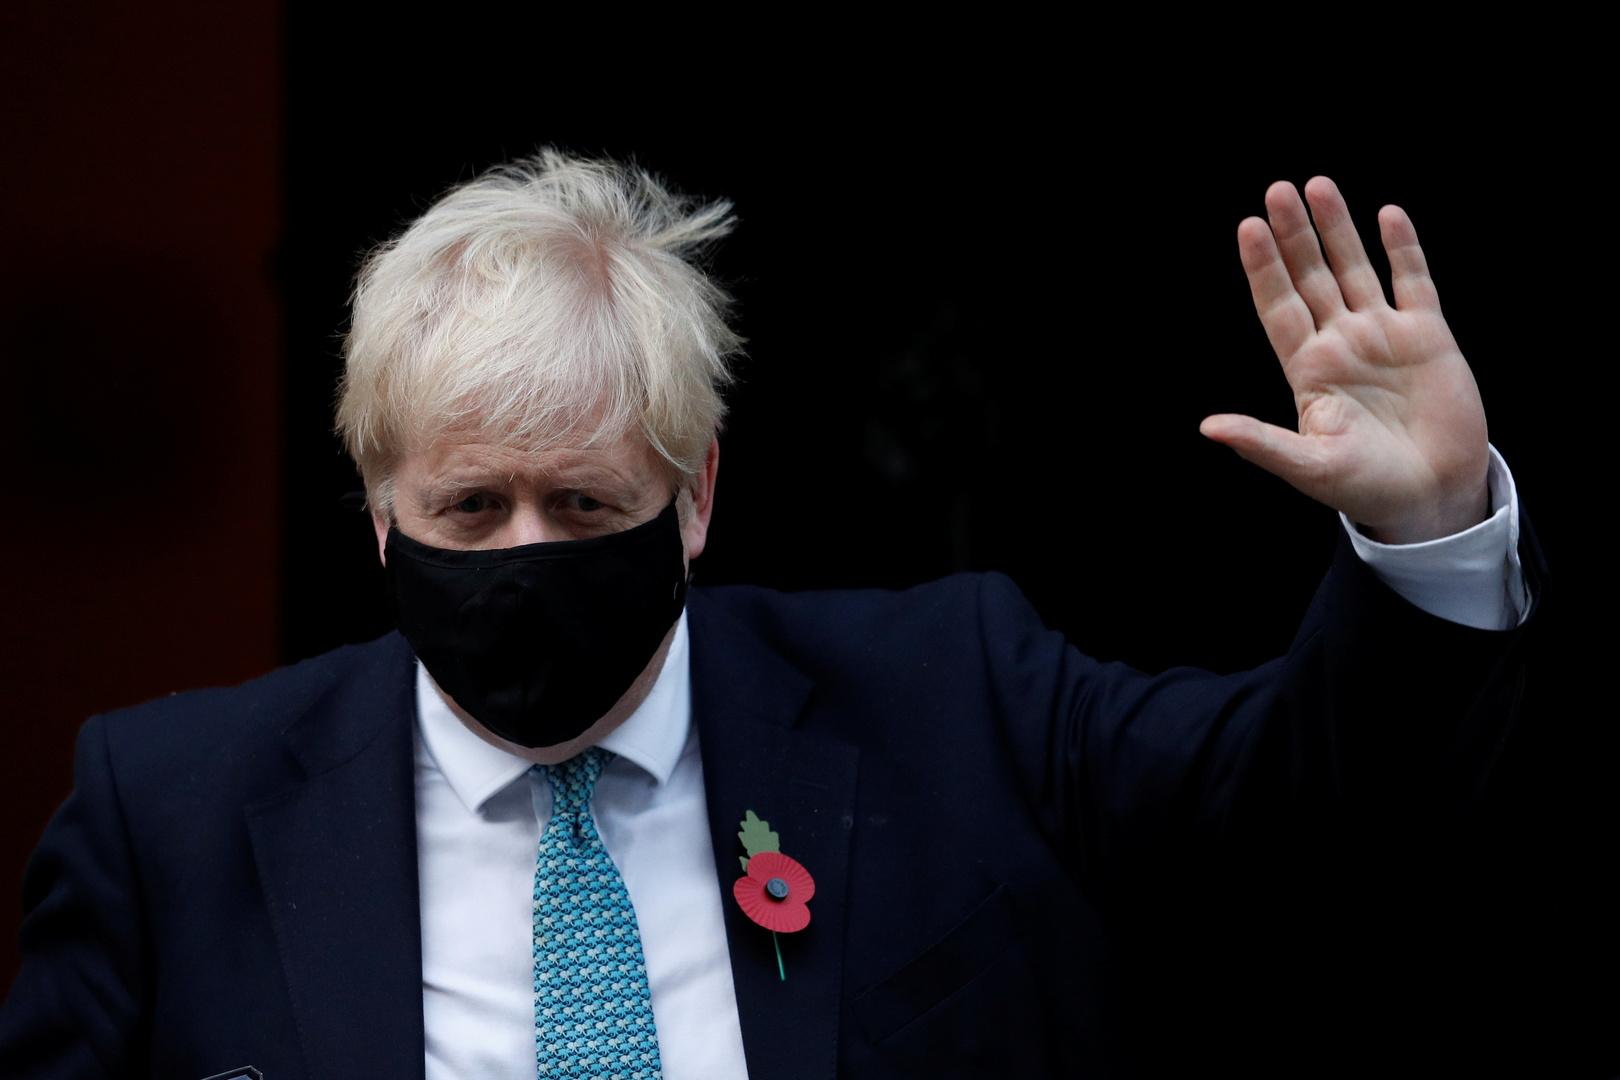 جونسون يعلن إغلاقا عاما في بريطانيا على خلفية تفشي كورونا